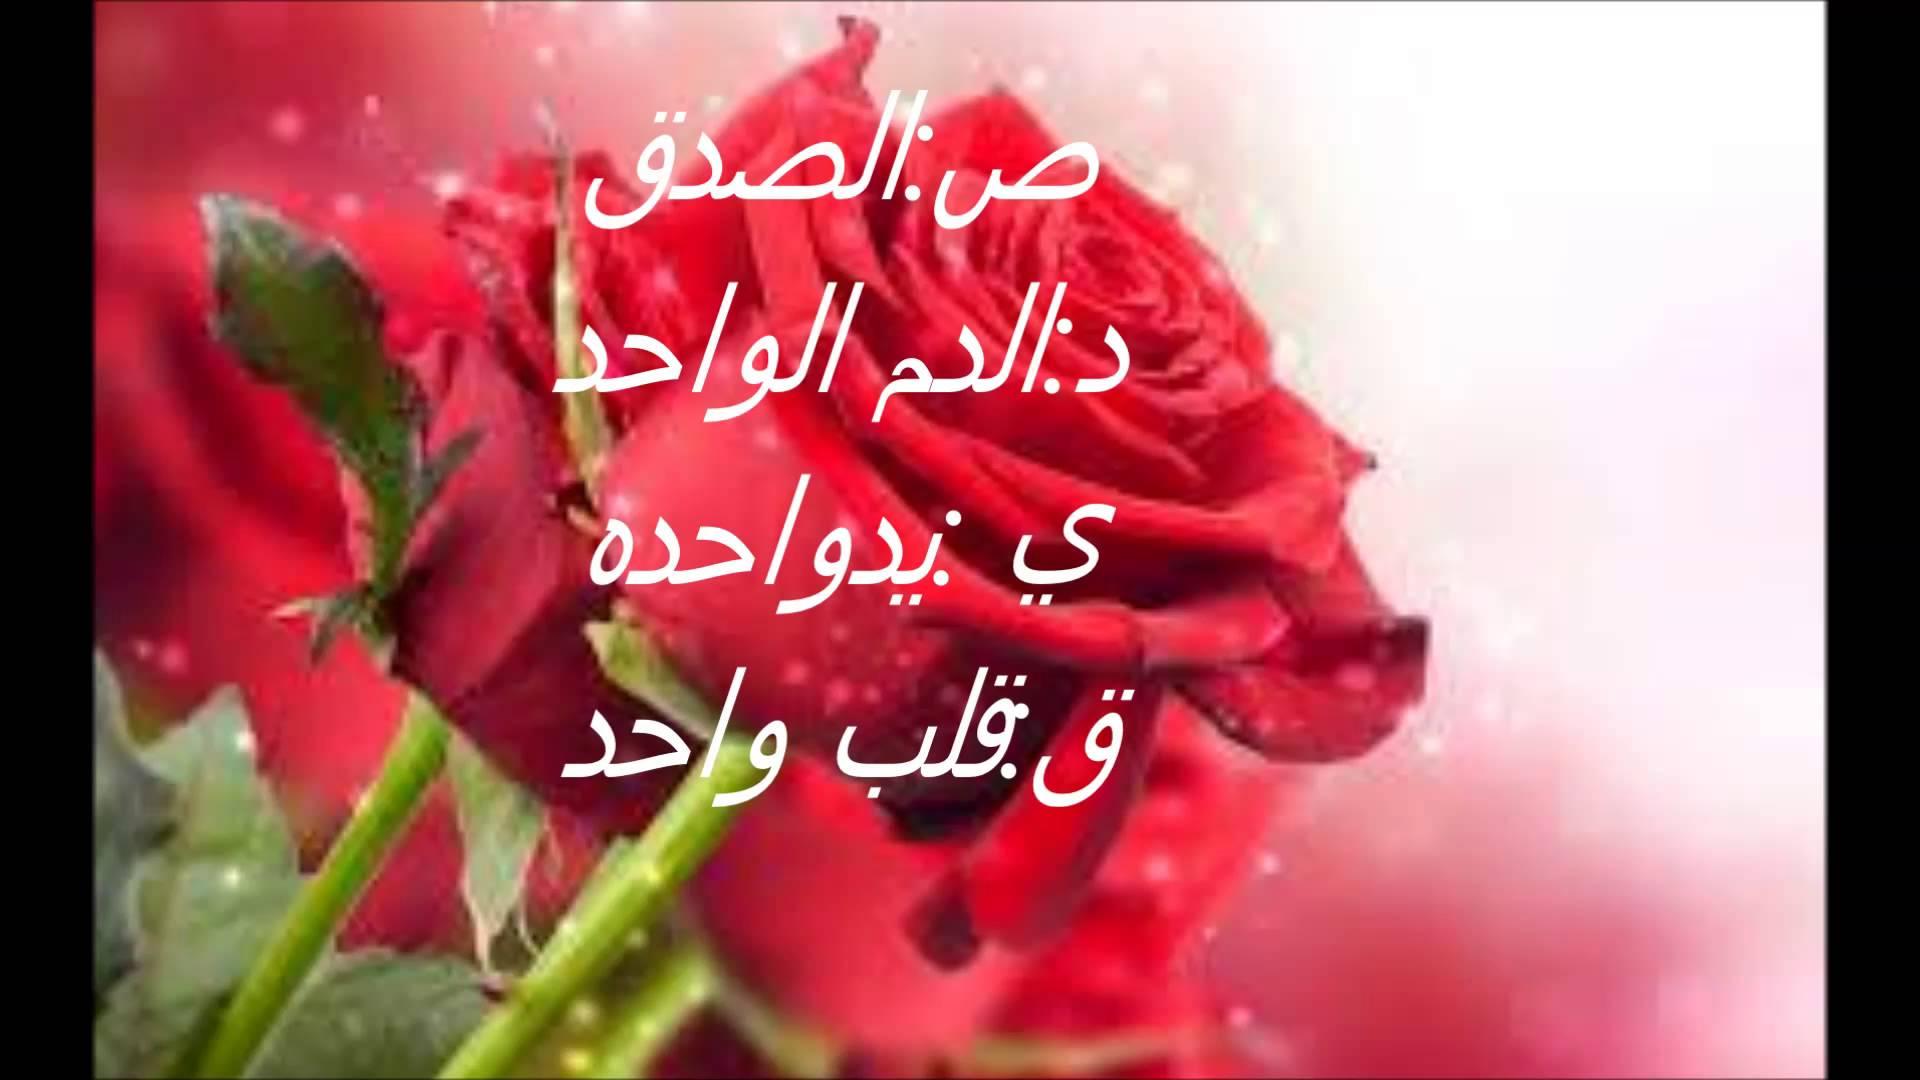 بالصور كلمات من ورود , اروع صور الورد المكتوب عليها عبارات جميلة 746 14